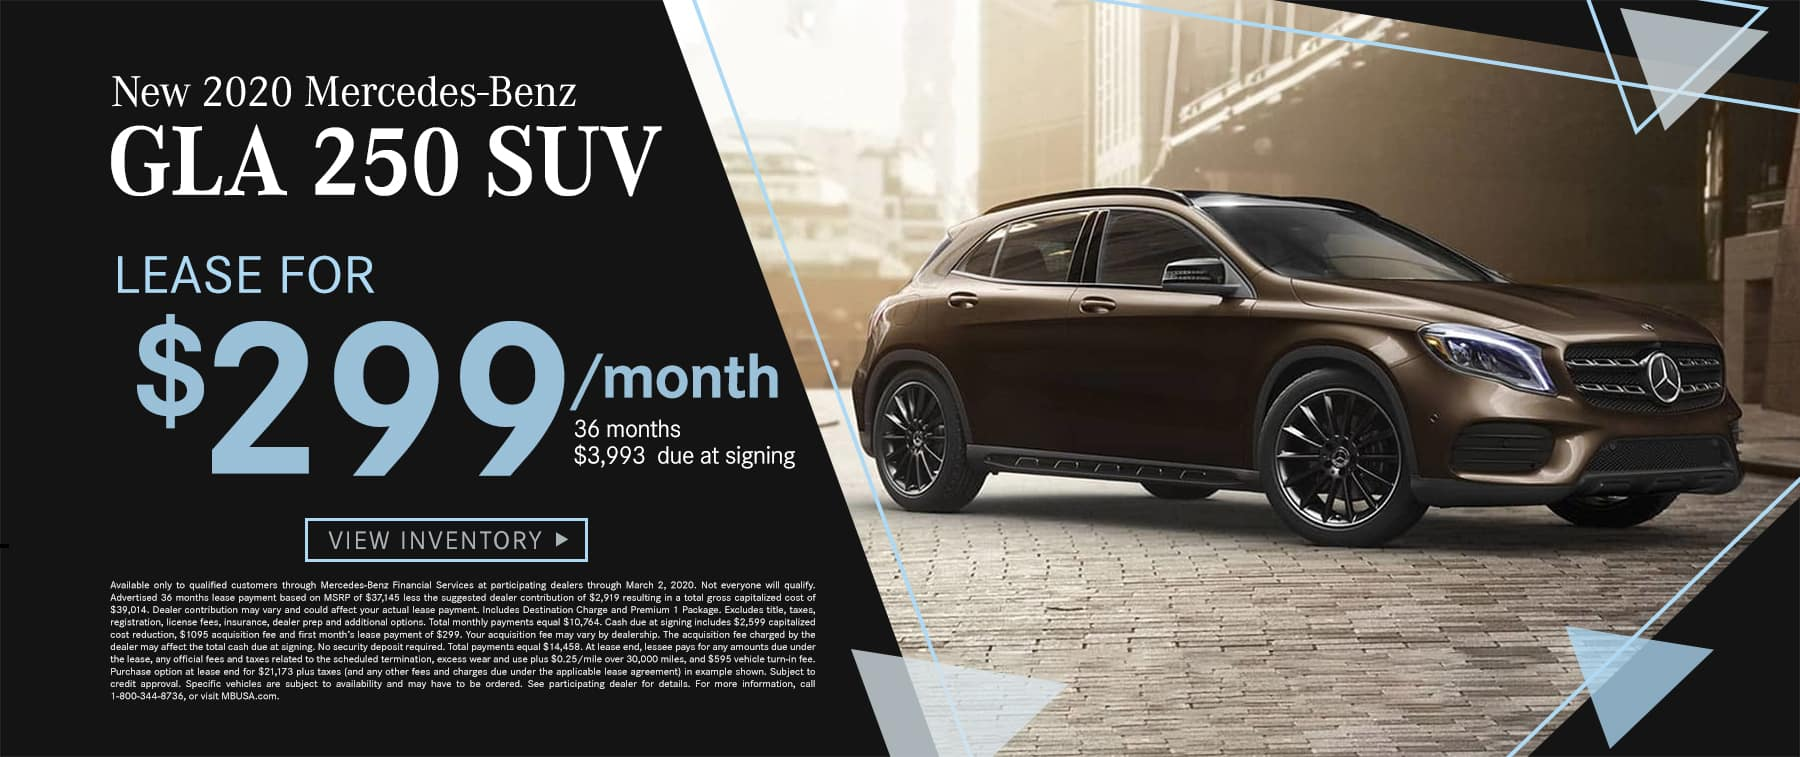 2020 GLA 250 SUV $299 Per Month